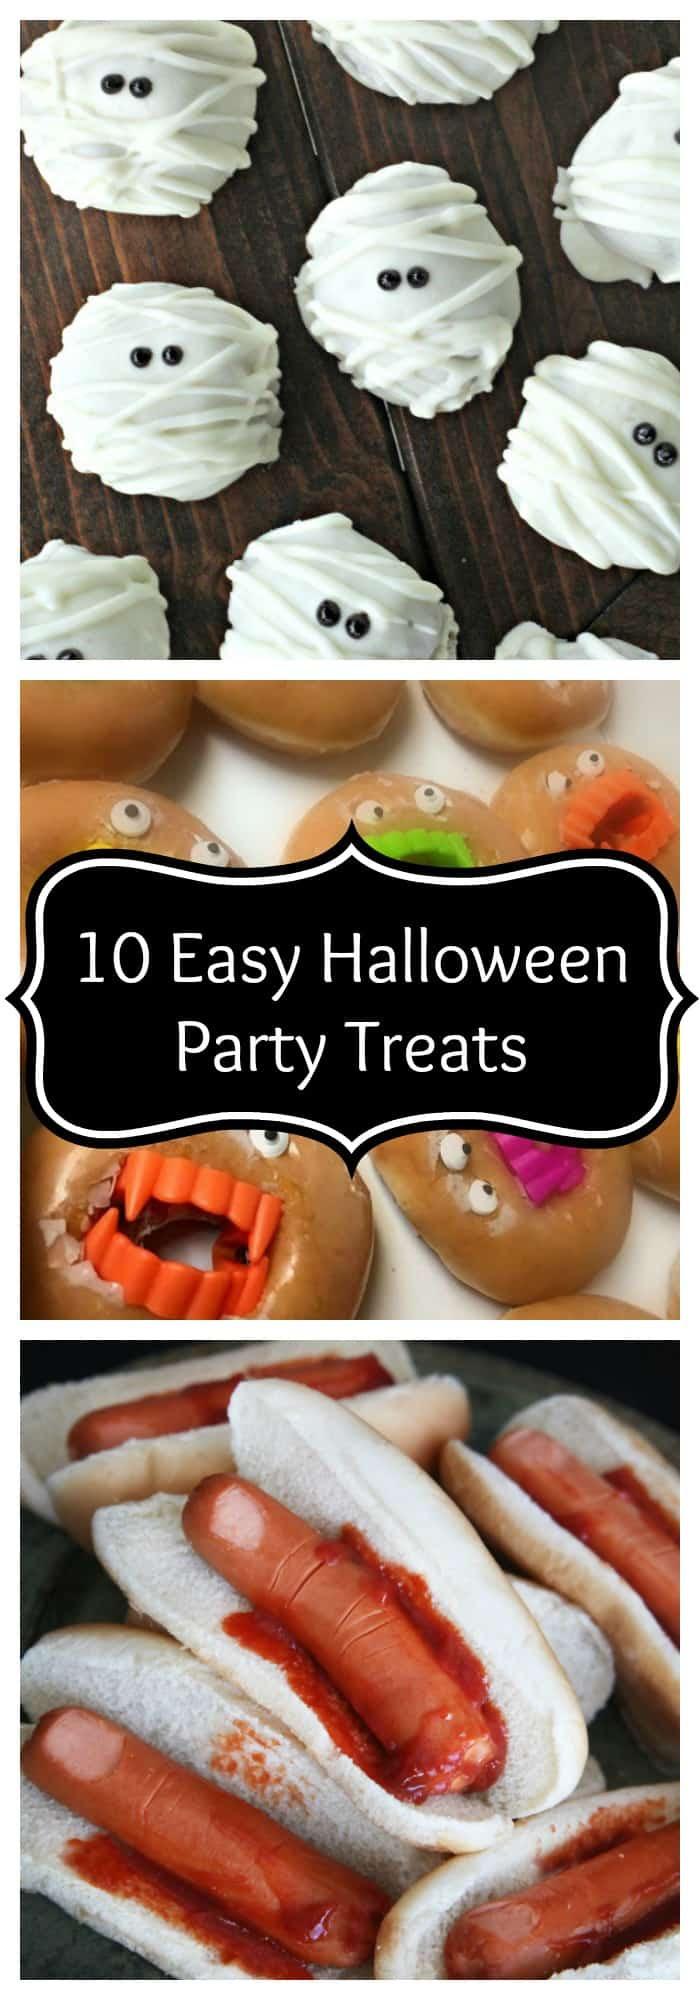 10 Easy Halloween Party Treats - The Organized Mom